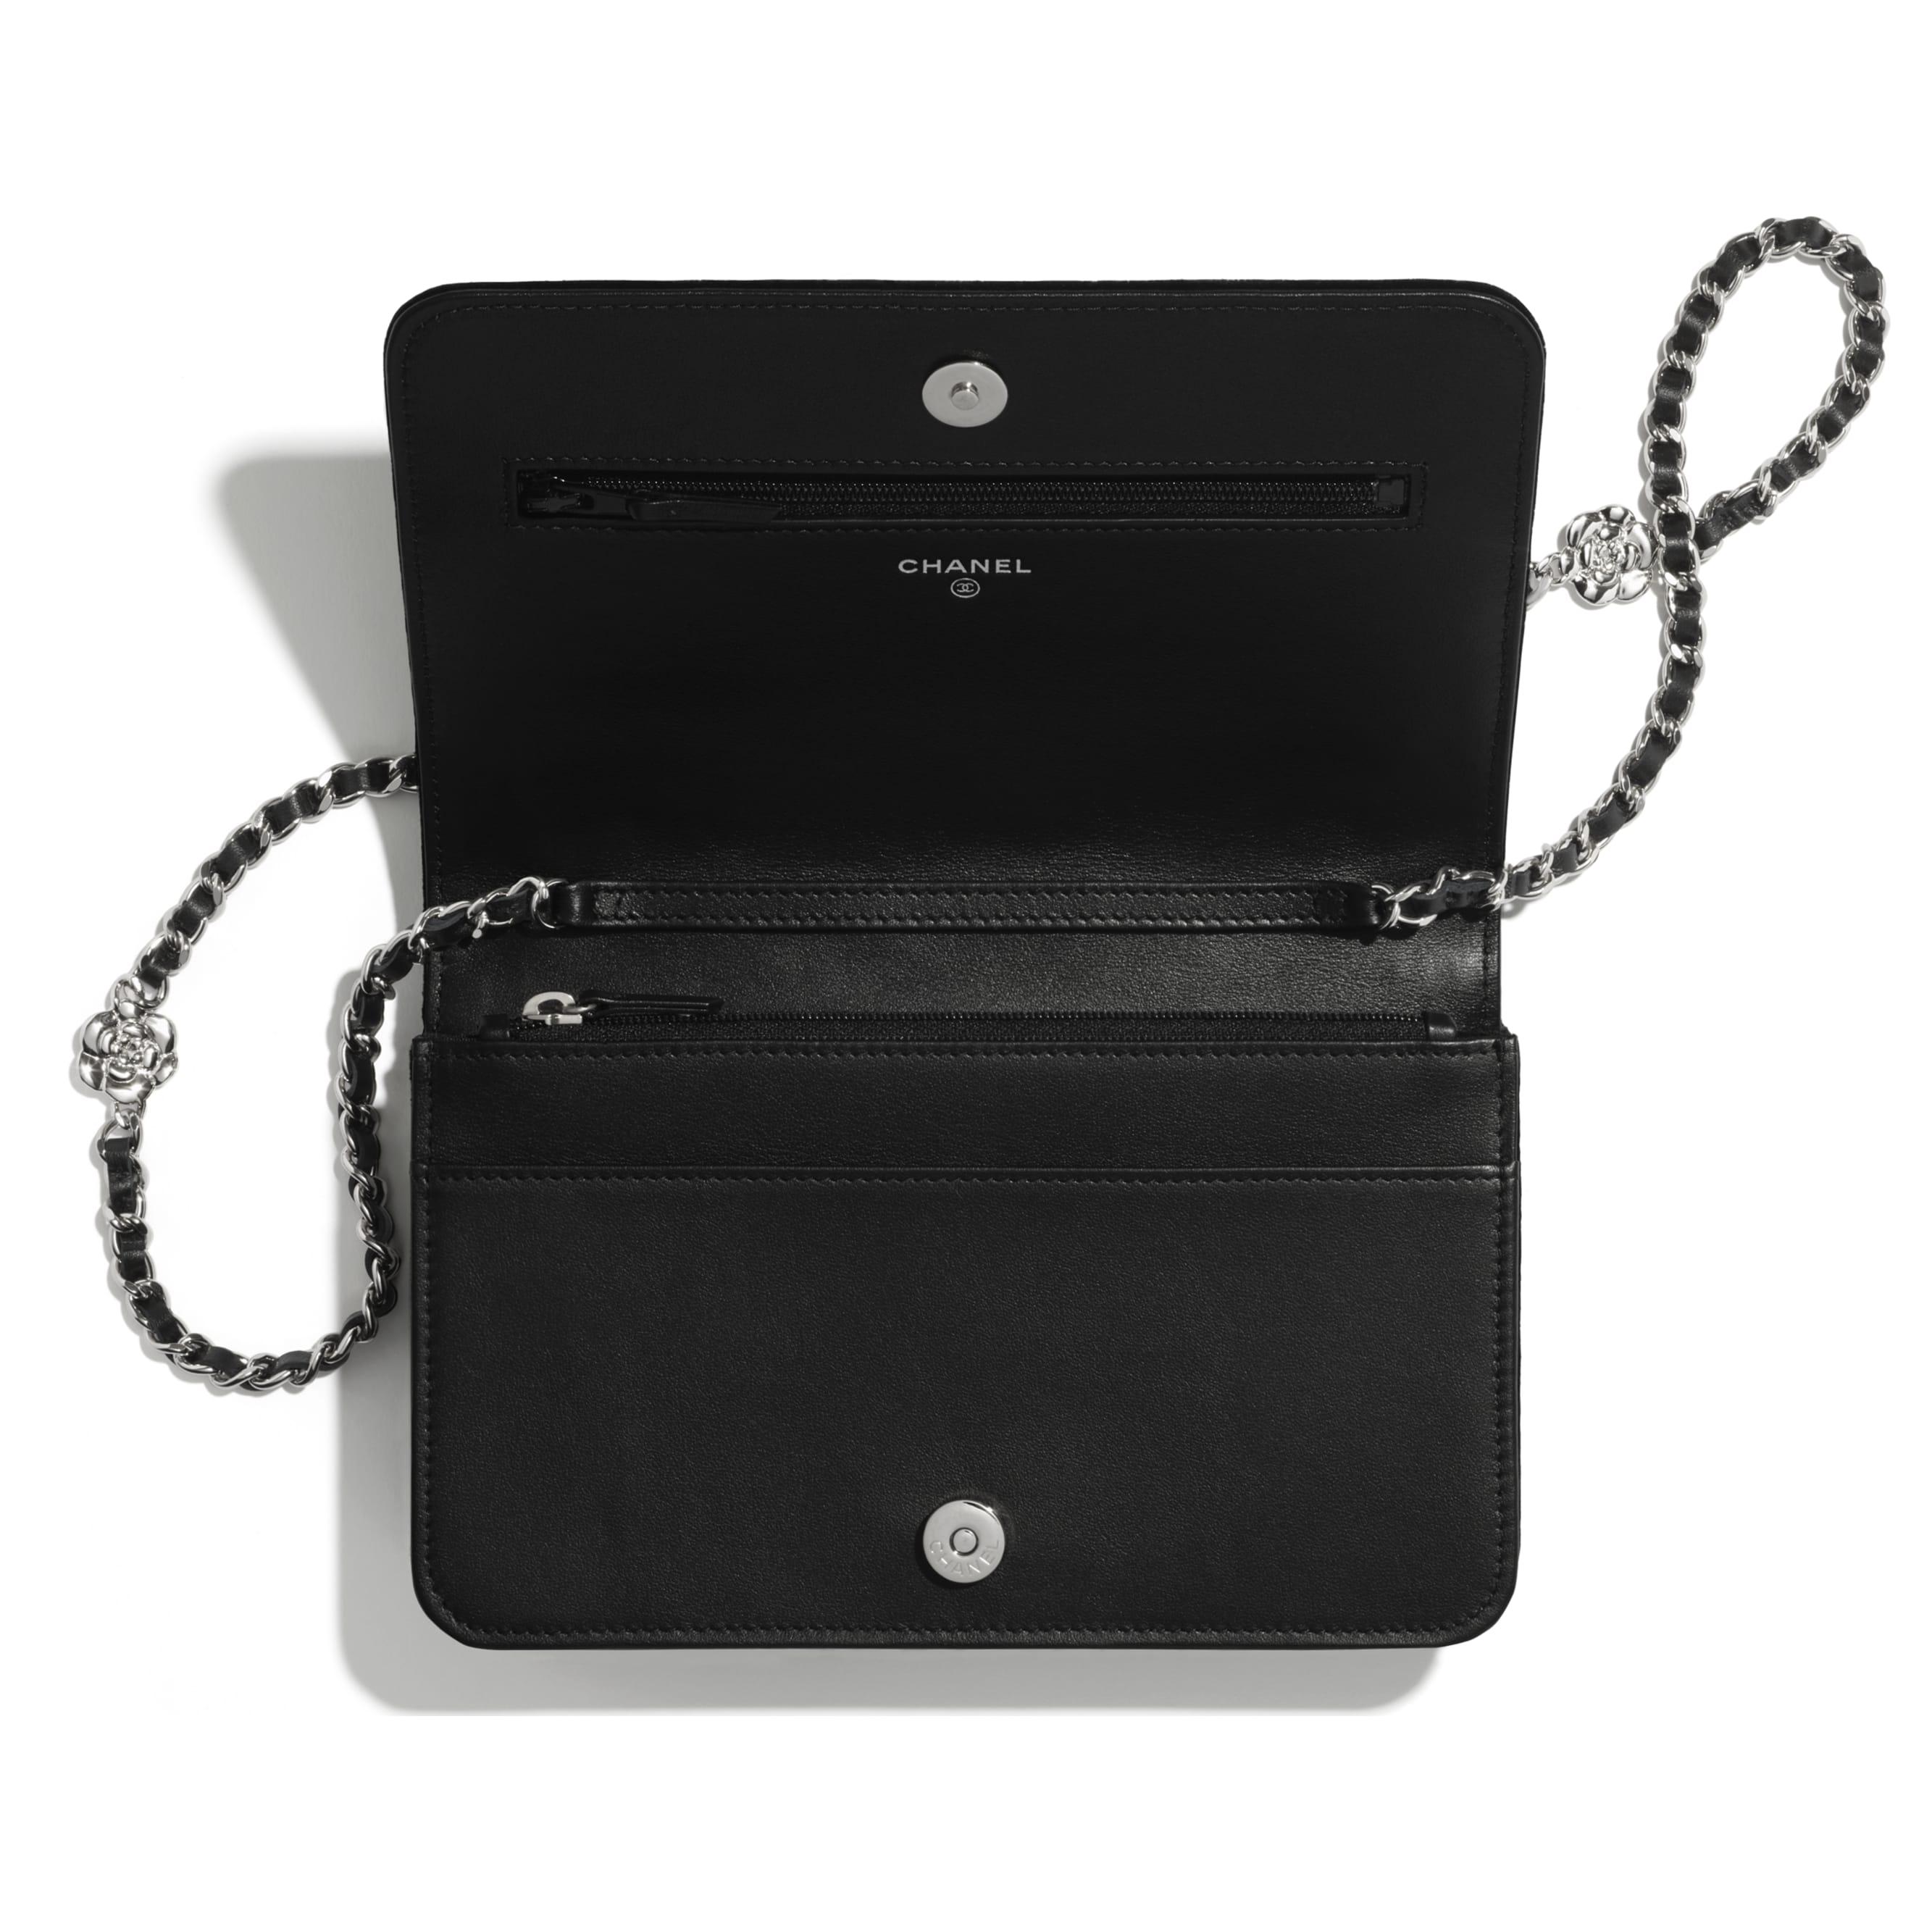 Wallet on chain - Noir - Velours & métal argenté - CHANEL - Autre vue - voir la version taille standard